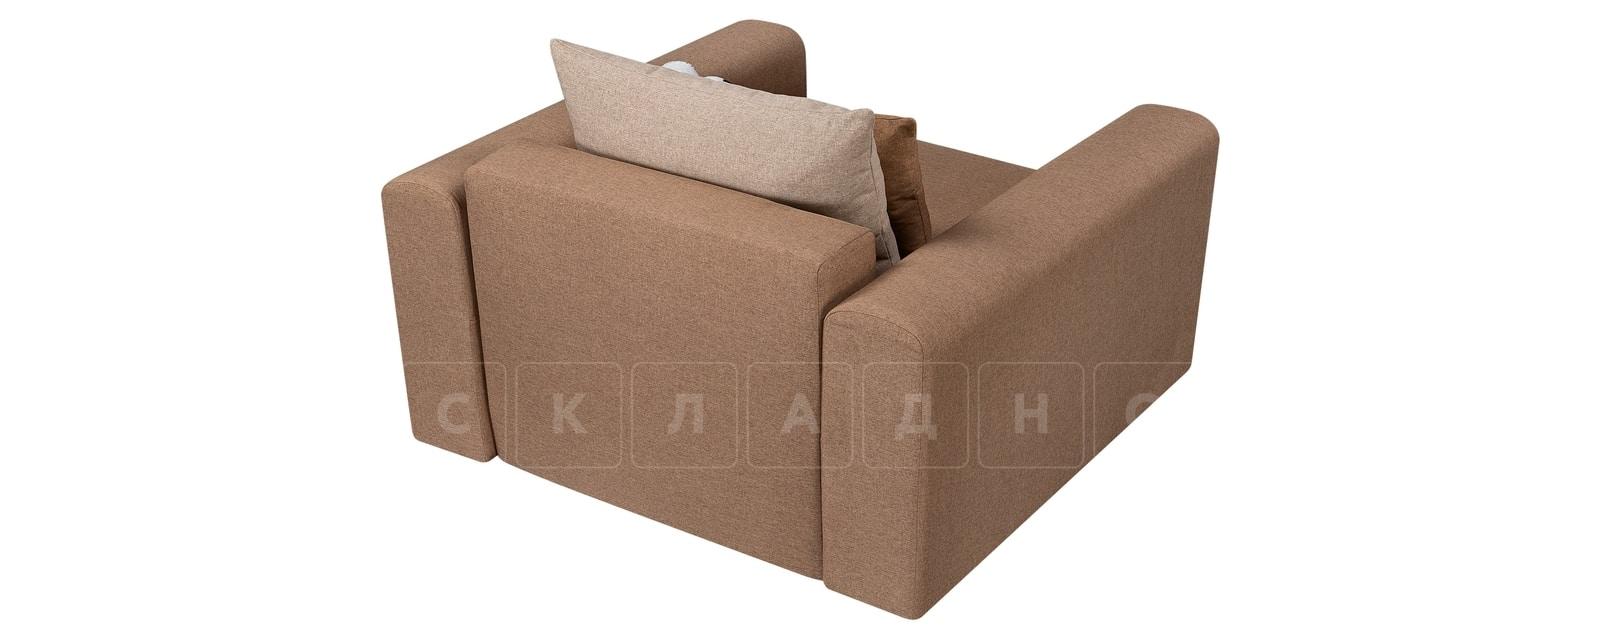 Кресло Медисон 80см коричневого цвета фото 3 | интернет-магазин Складно